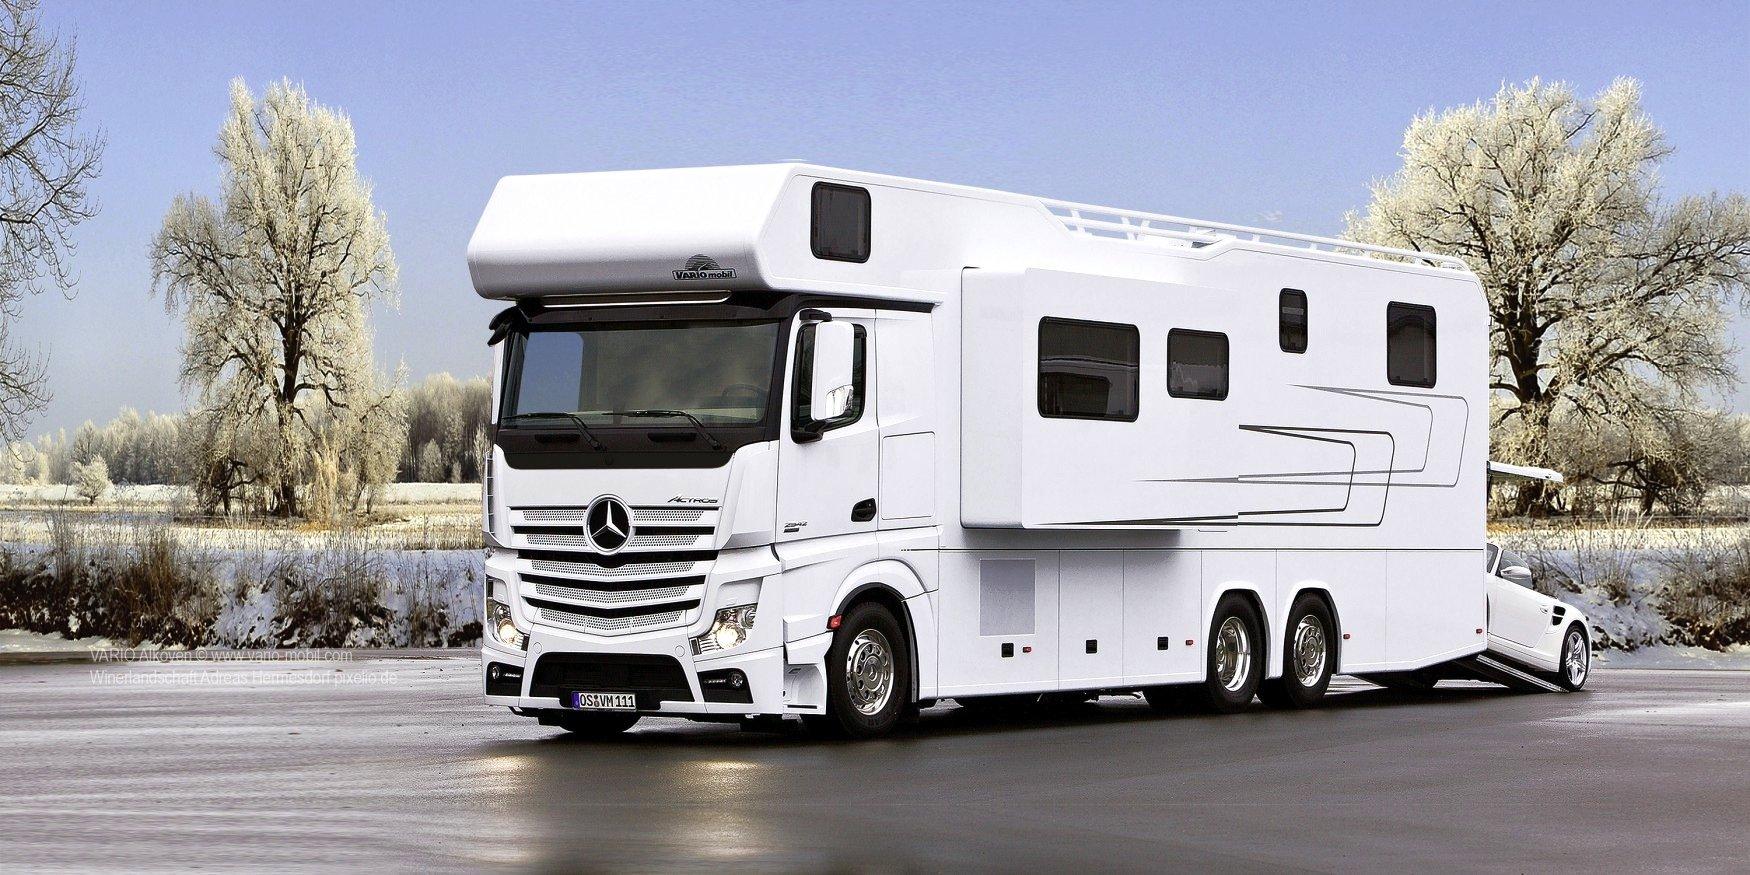 Auch im Winter kuschelig warm und viel Platz für das Auto: Das Luxuswohnmobil Alkoven 1200 von Vario mobil kostet in der Basisversion fast 600.000 €.